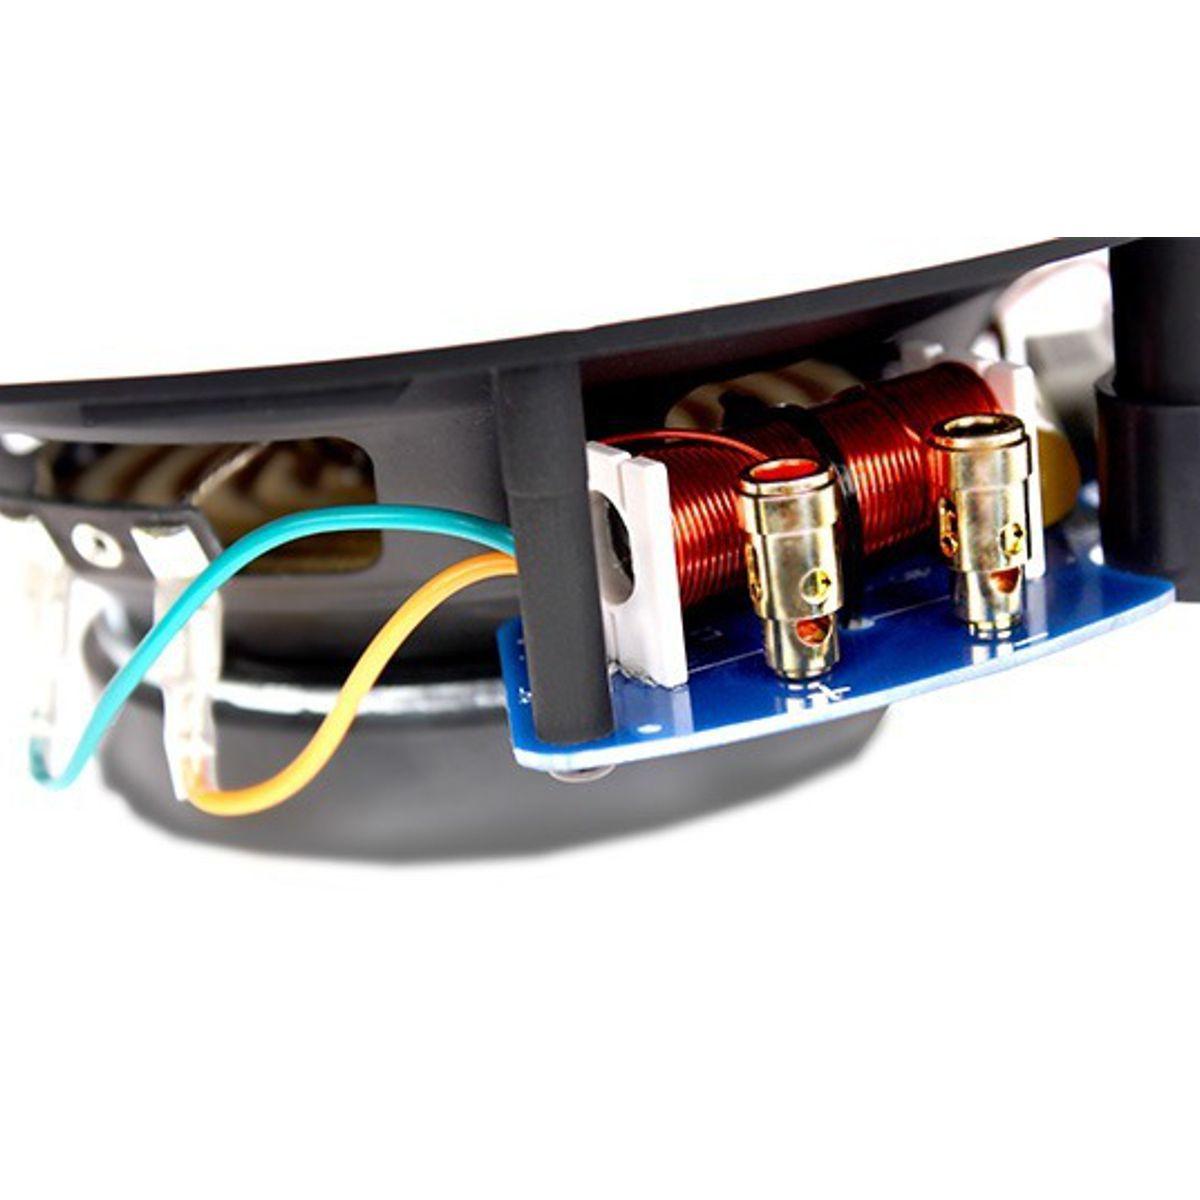 Kit 5.0 Caixa de Embutir no Gesso LCR-A100 + NQ6-A100 + NQ6-M100 AAT